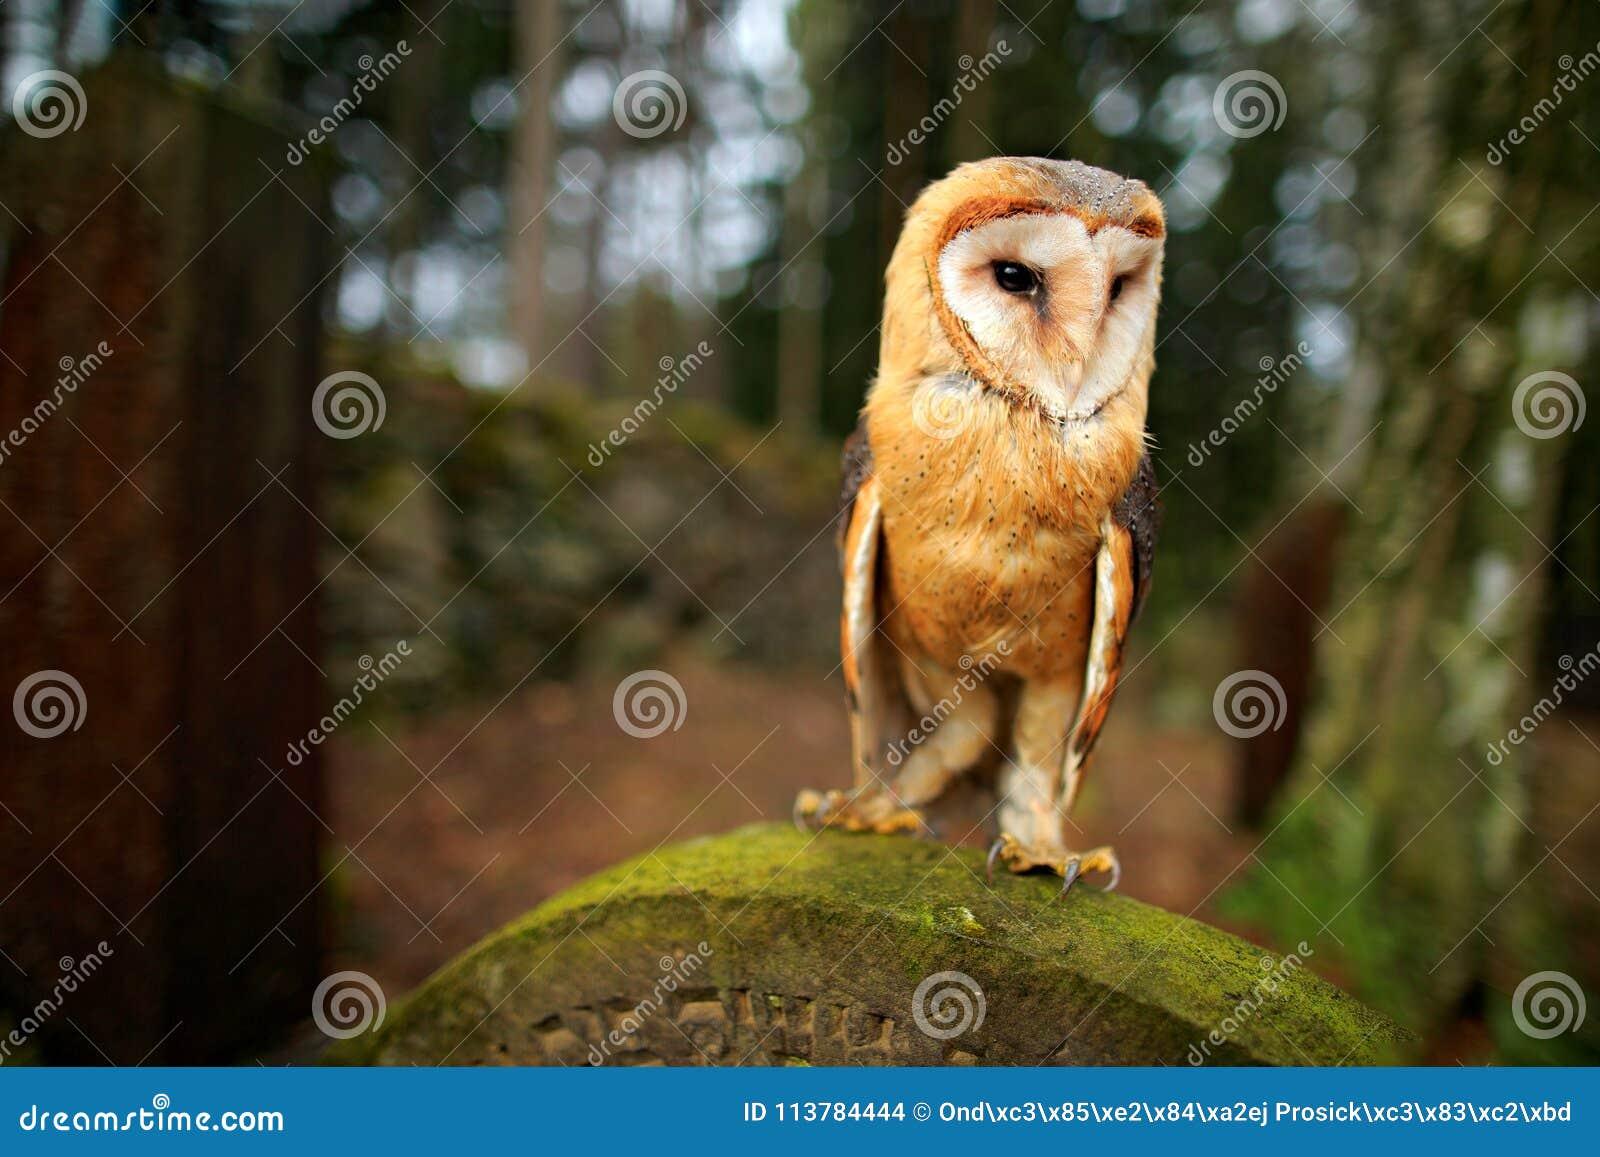 Animais selvagens urbanos Coruja de celeiro mágica do pássaro, Tito alba, voando acima da cerca de pedra no cemitério da floresta